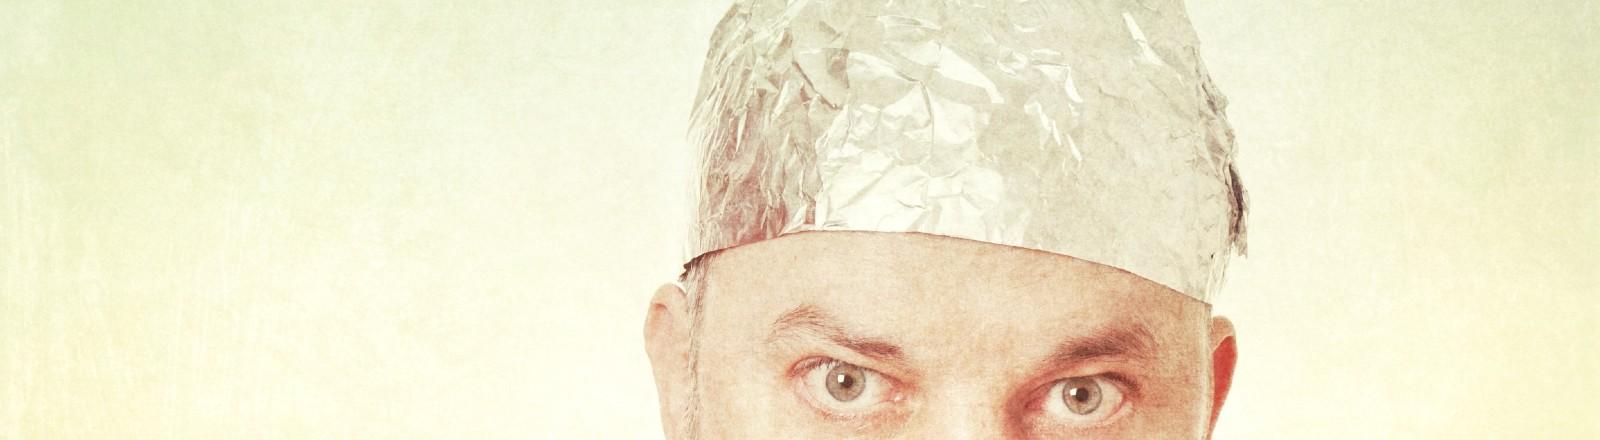 Ein Mann schaut grimmig. Er trägt einen Aluhut auf dem Kopf.